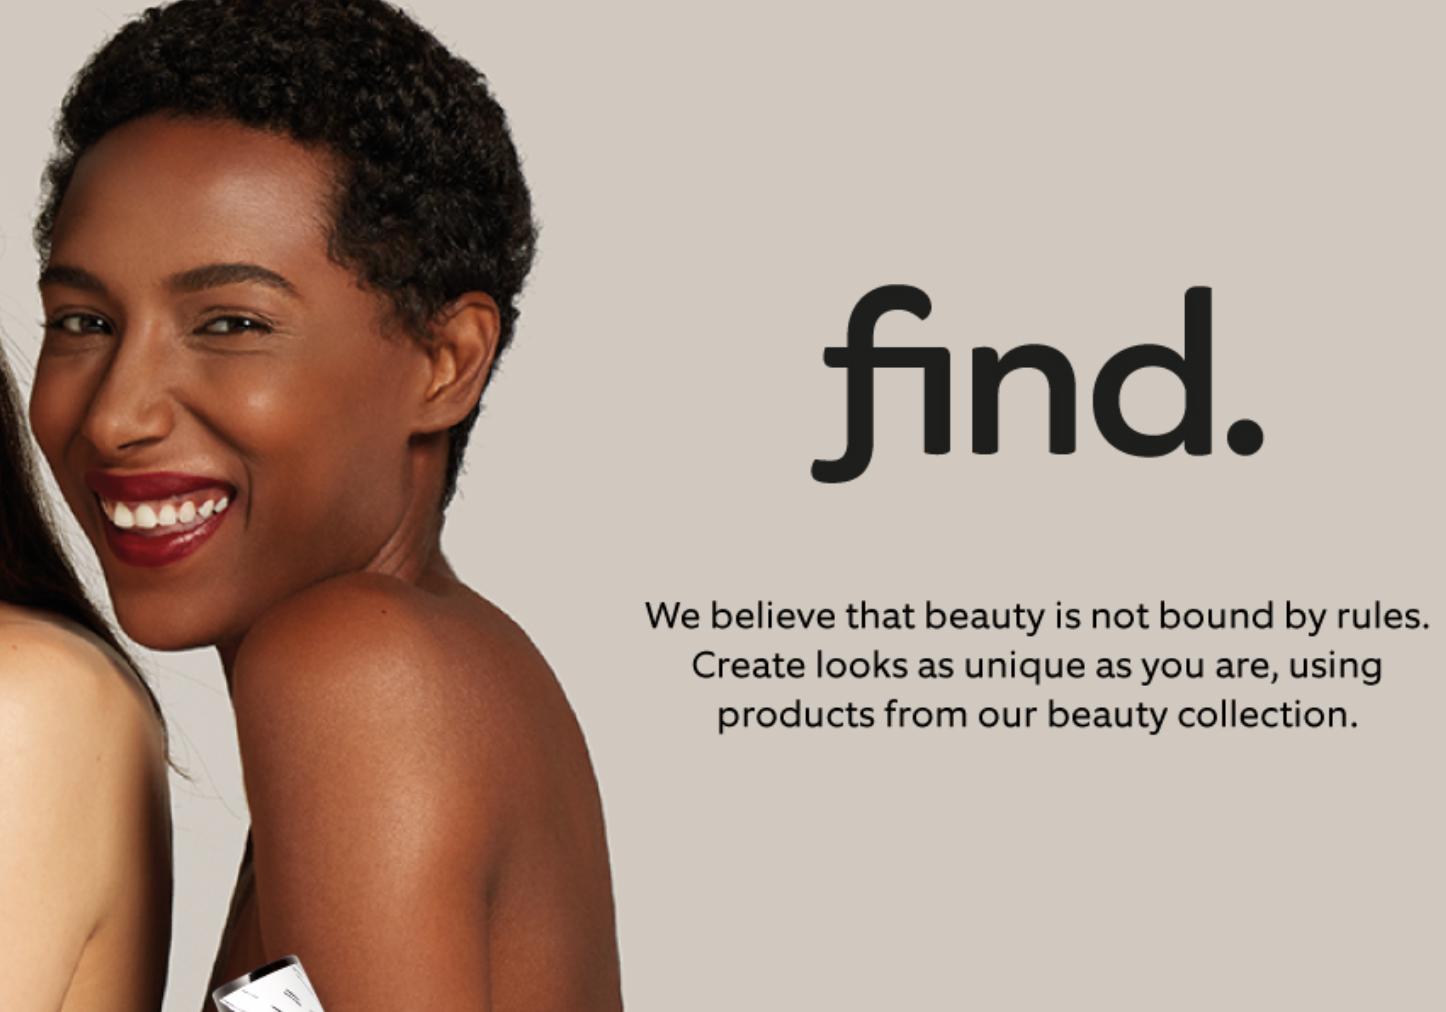 亚马逊推出自有彩妆系列 Find Beauty,与美宝莲等品牌发起定制样品免费试用活动